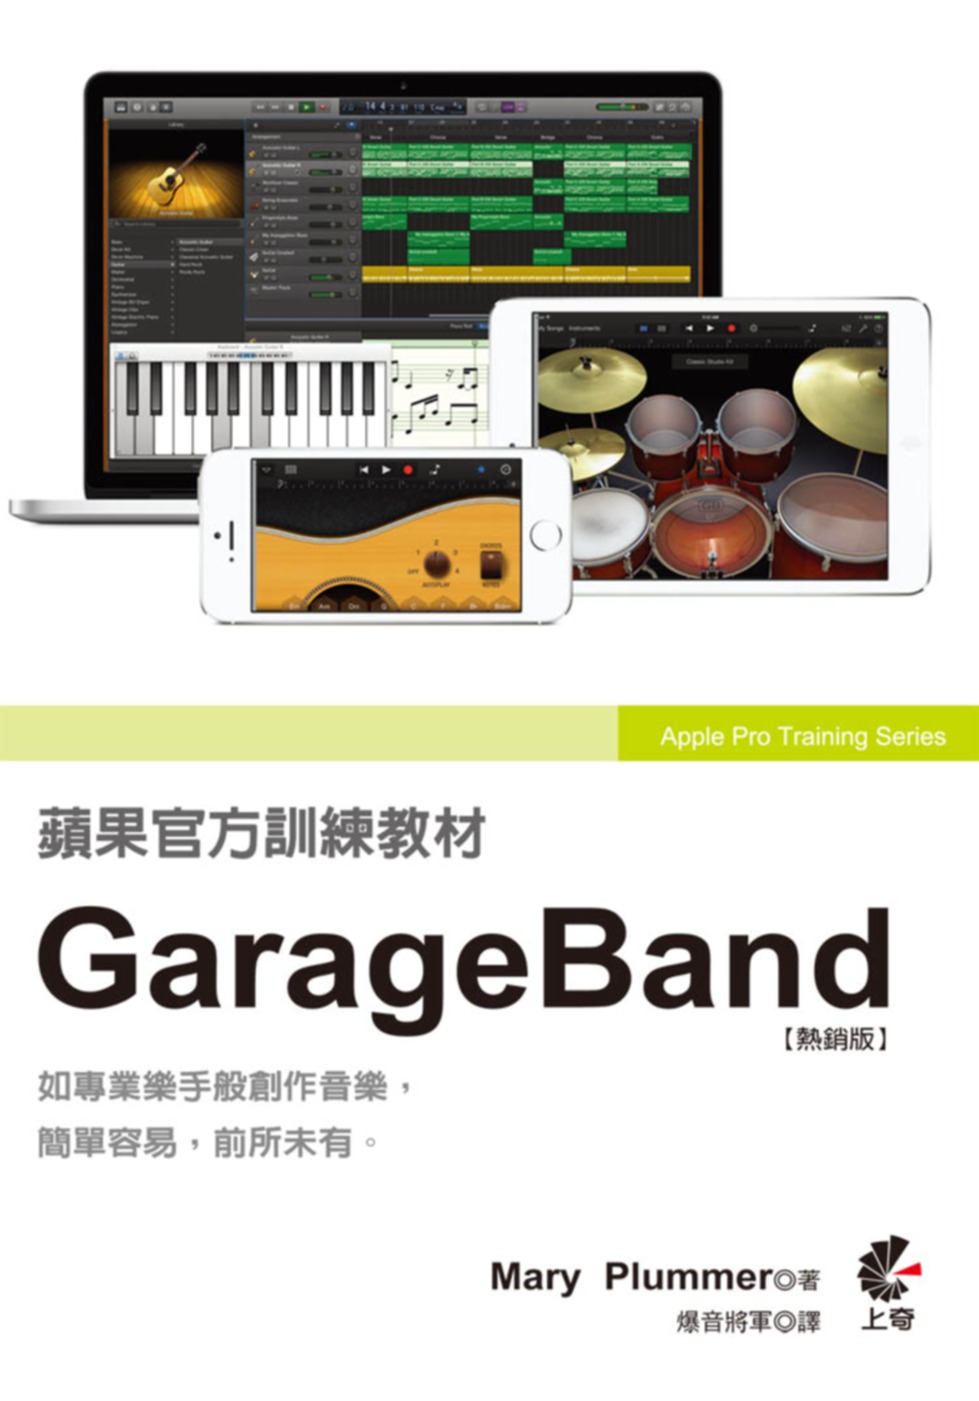 蘋果官方訓練教材:GarageBand(熱銷版)